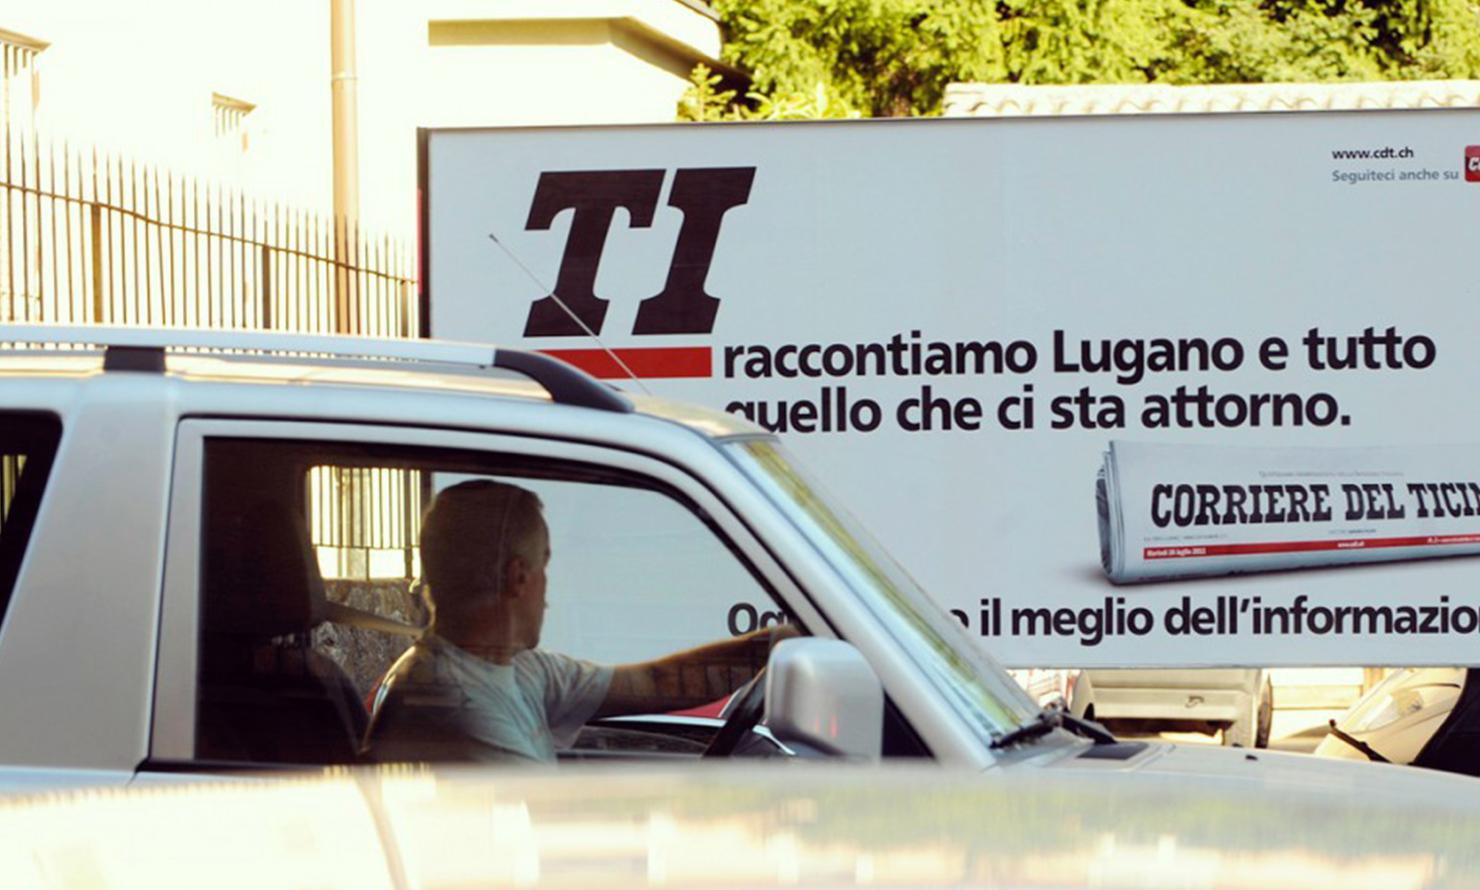 https://www.kubelibre.com/uploads/Slider-work-tutti-clienti/corriere-del-ticino-portiamo-dentro-la-notizia-2.jpg